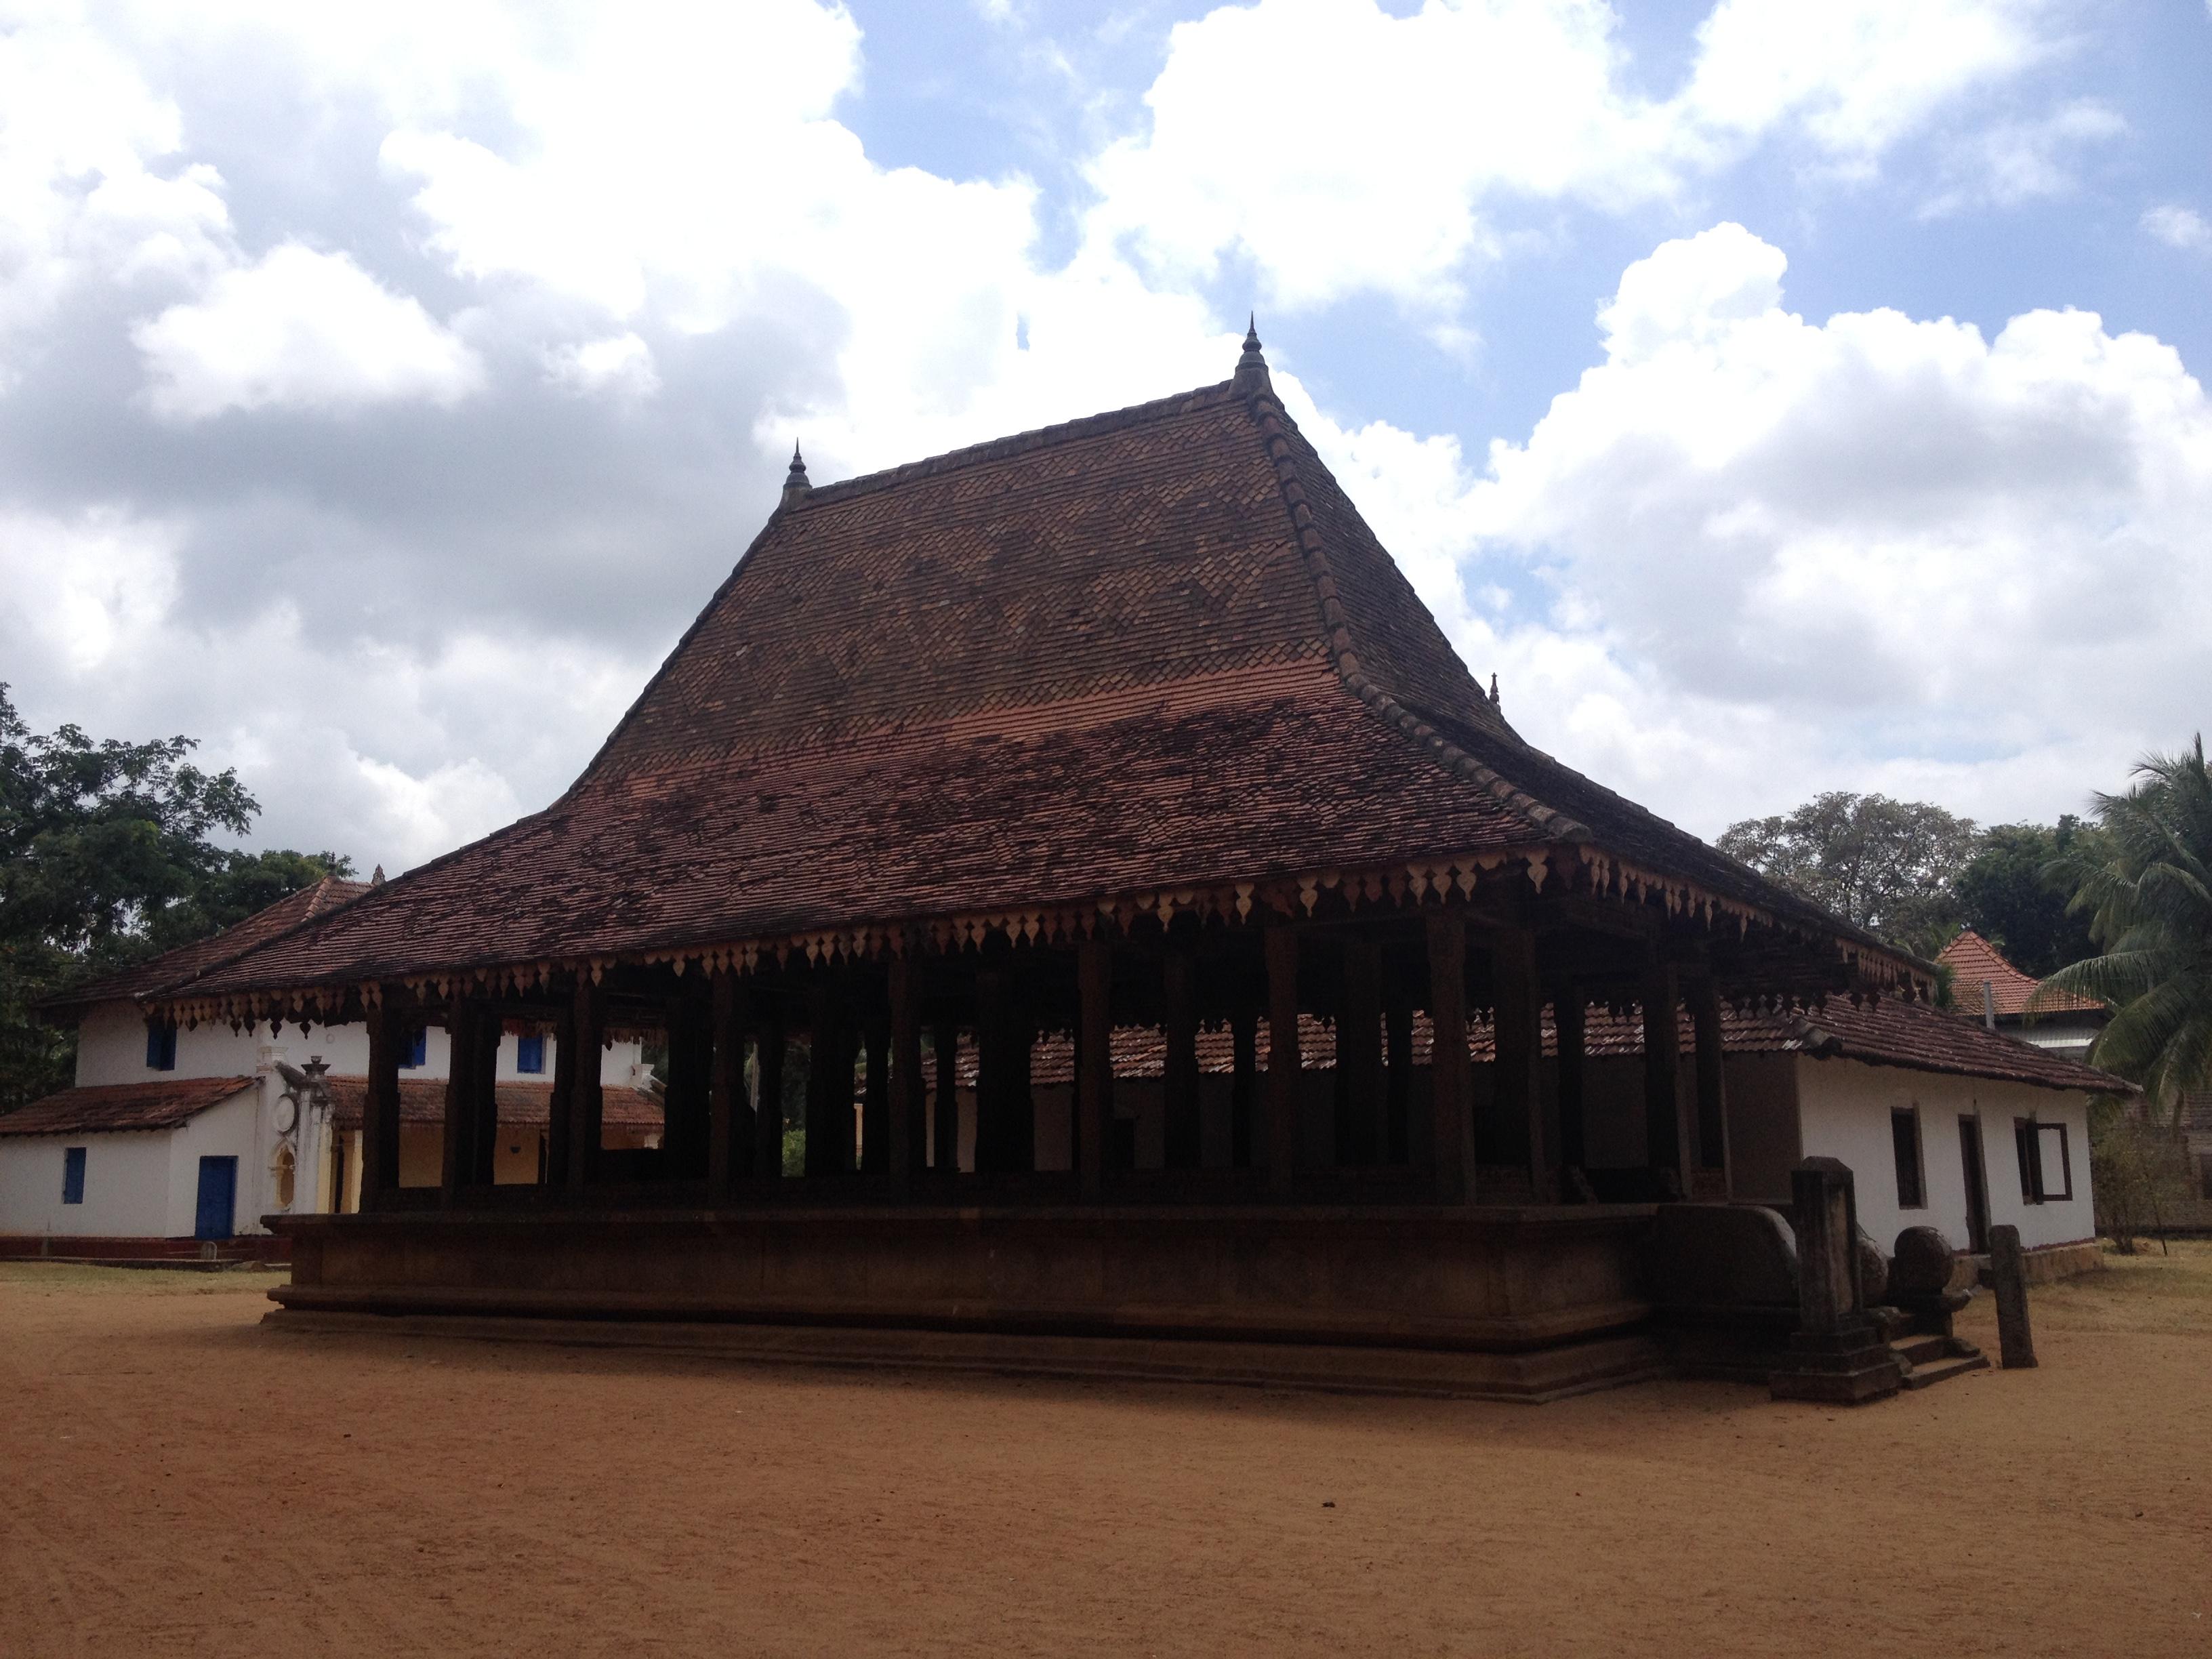 Panduwasnuwara Raja Maha Viharaya